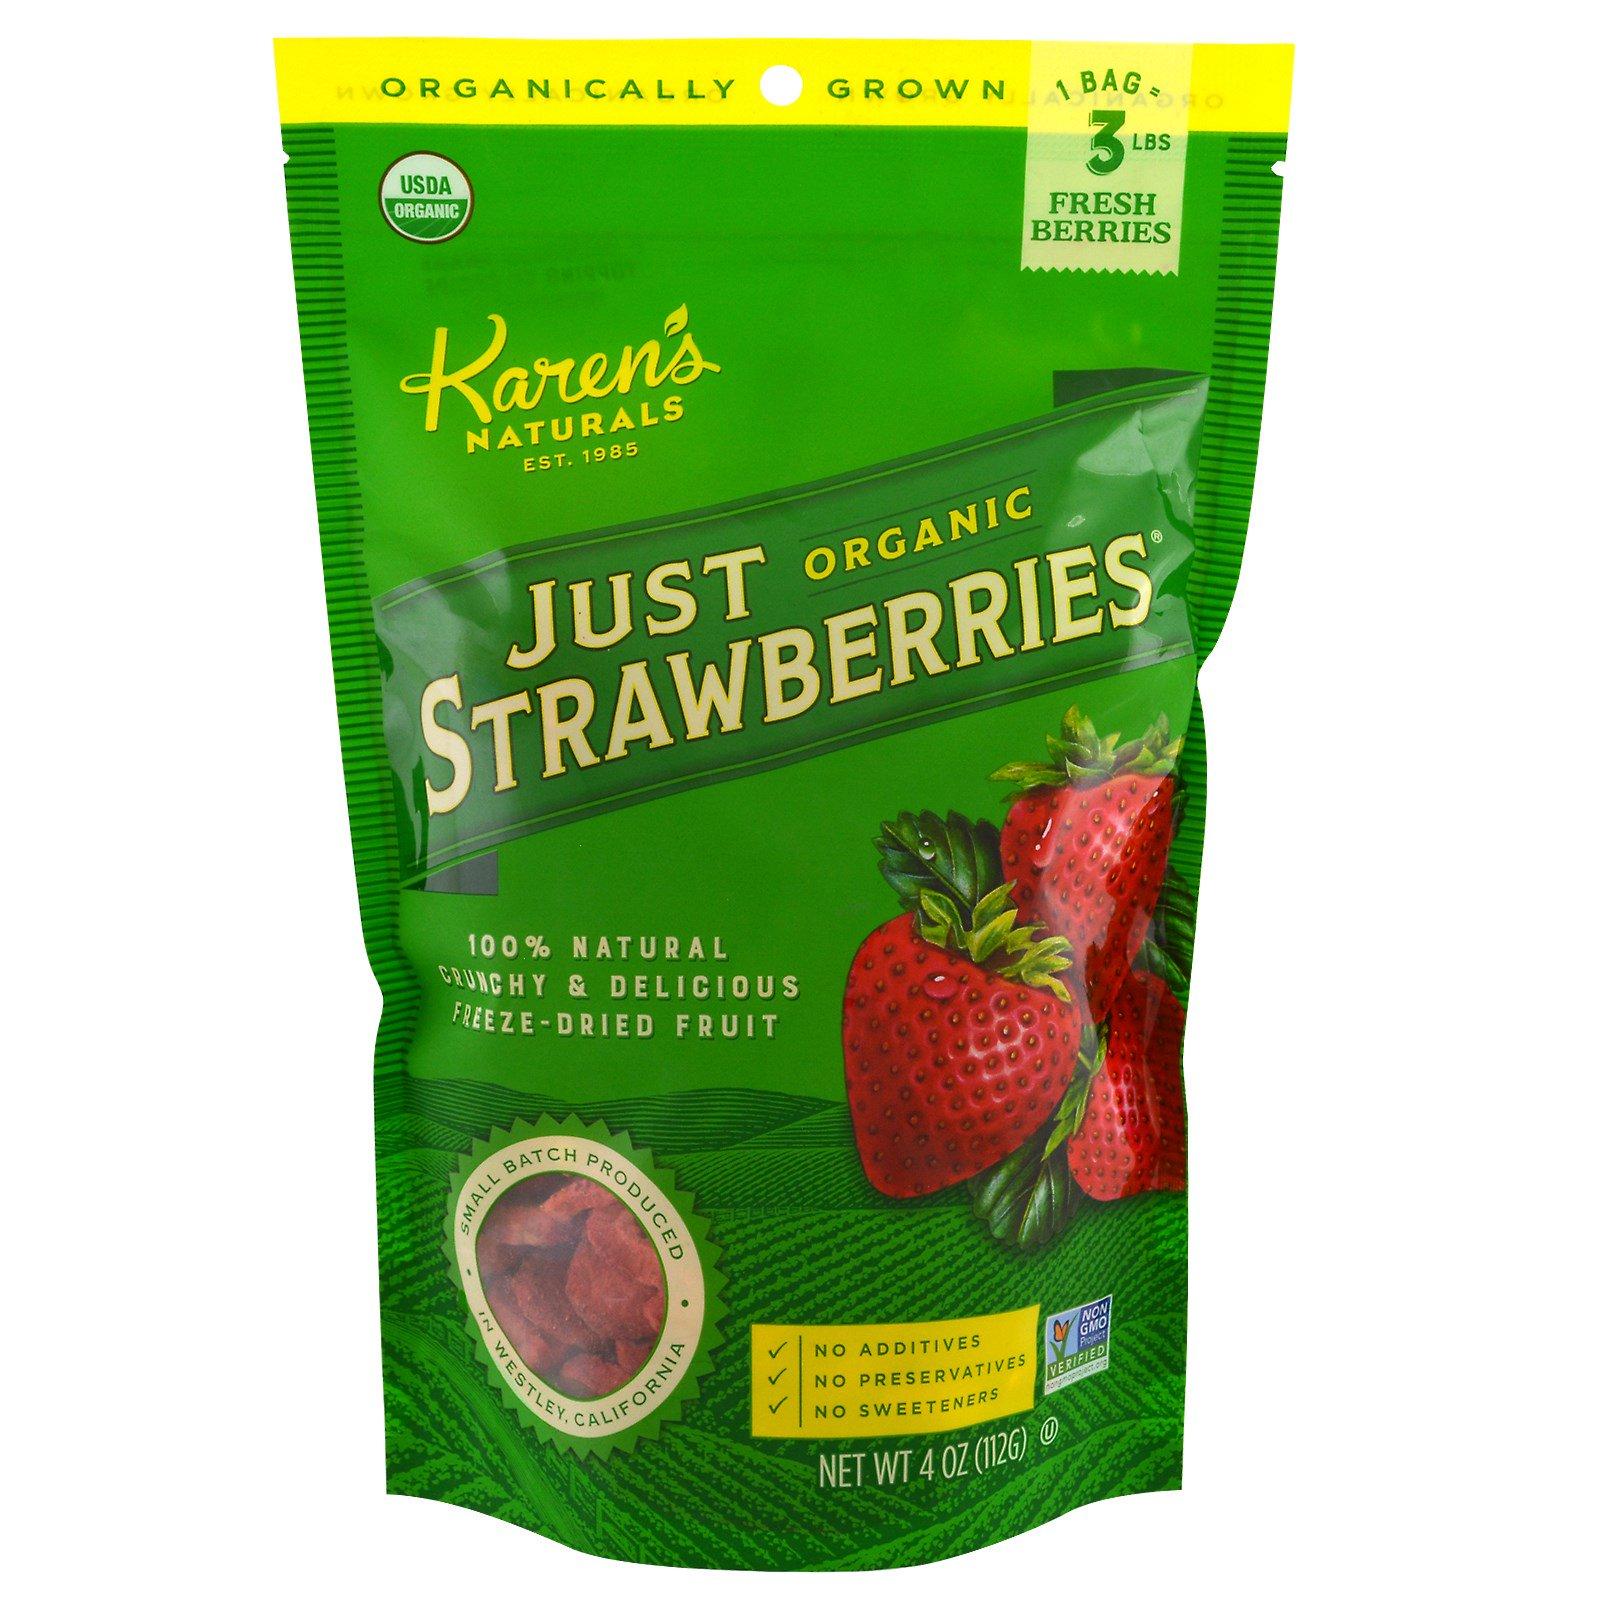 Karen's Naturals, Органический продукт, Лиофилизированные фрукты, Натуральная клубника, 112 г (4 oz)